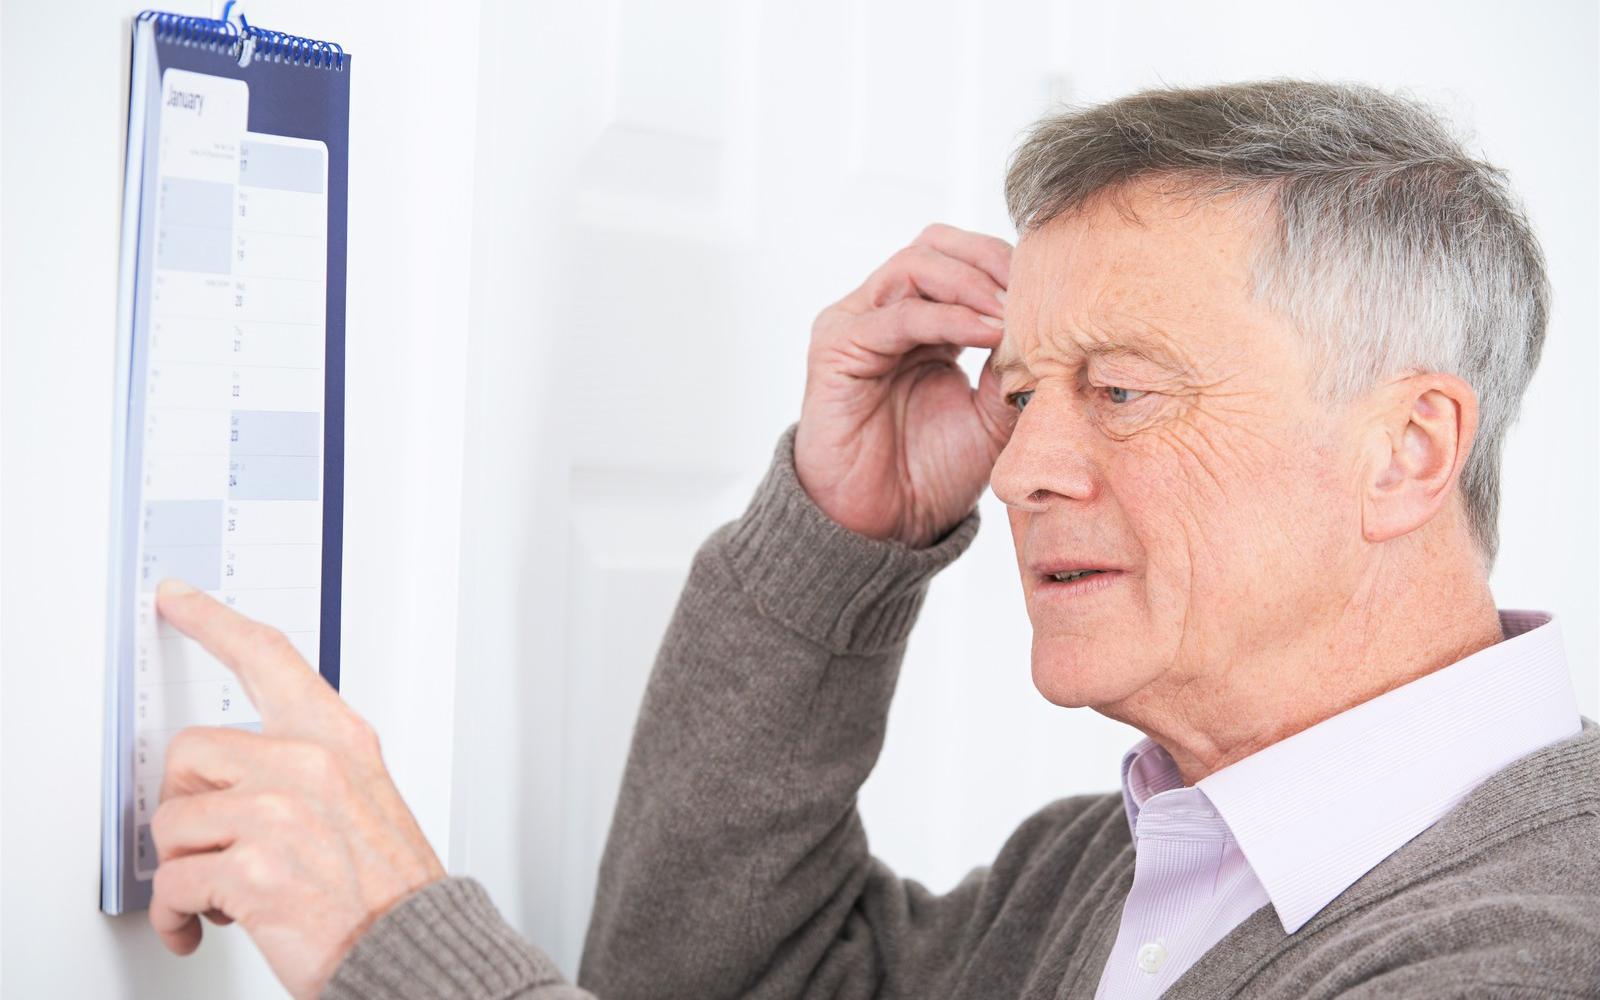 magas vérnyomás 1 segítség magas vérnyomás kezelés tabletta nélkül